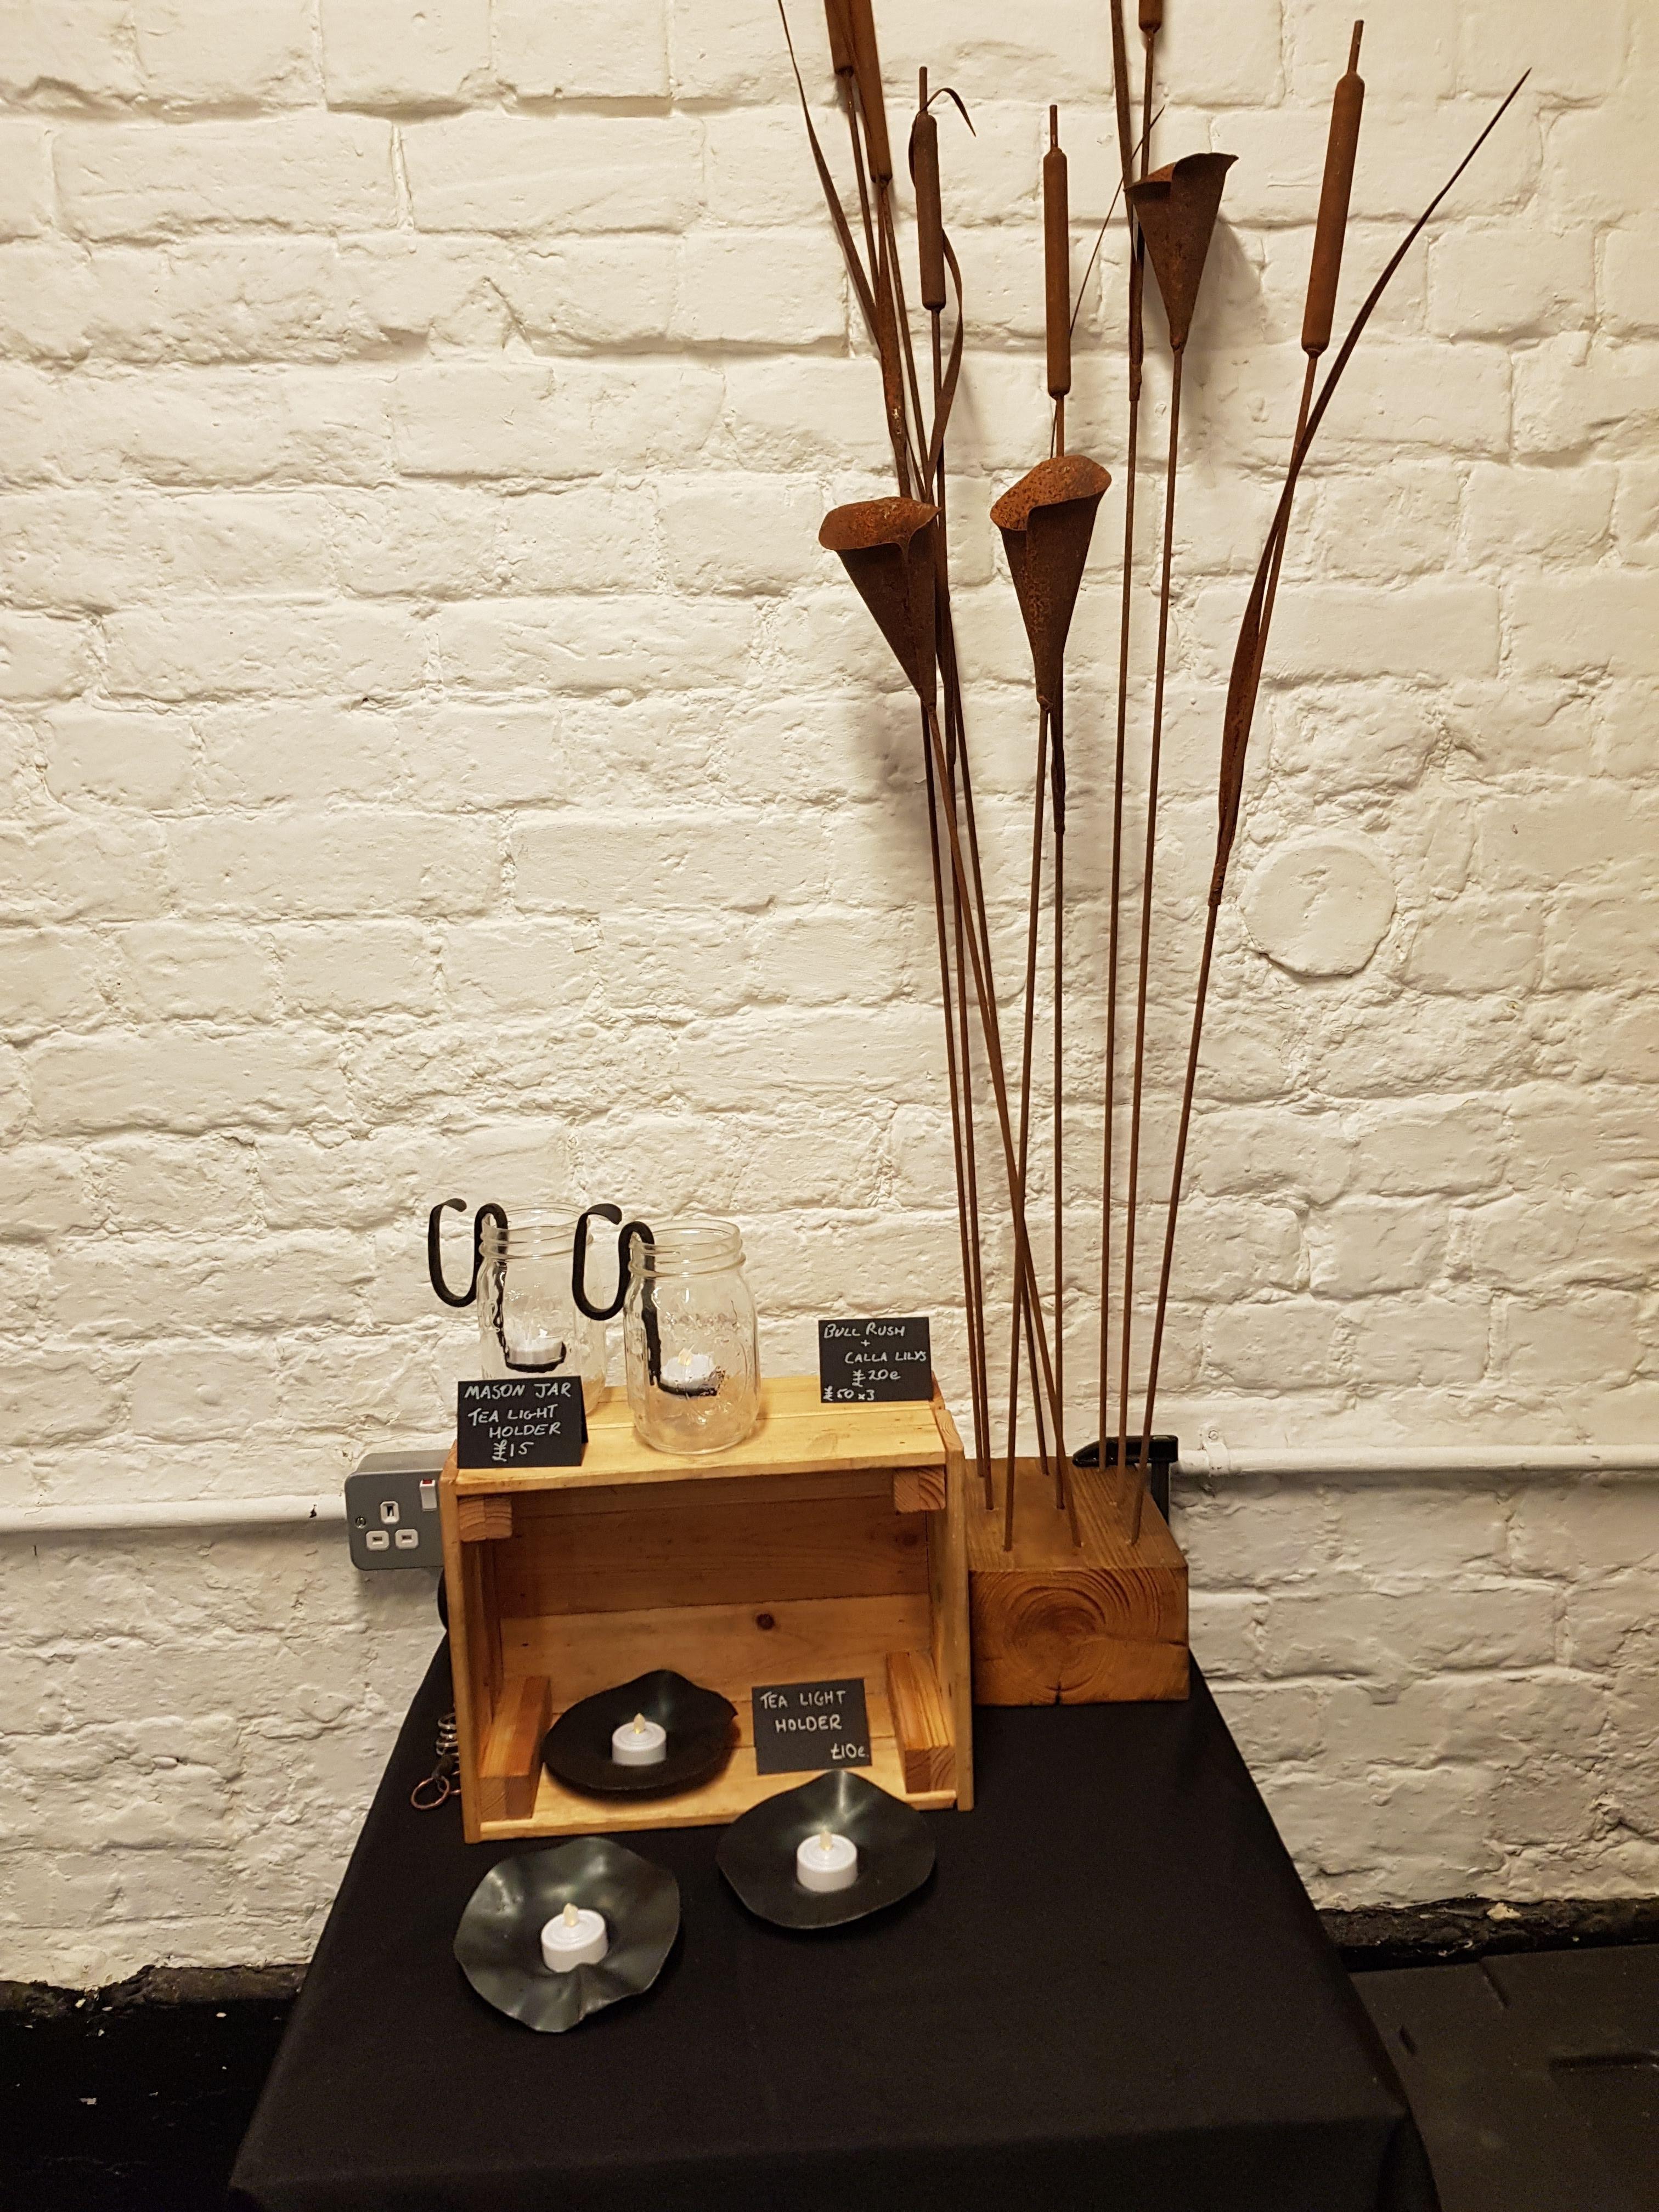 Calla Lily garden sculptures